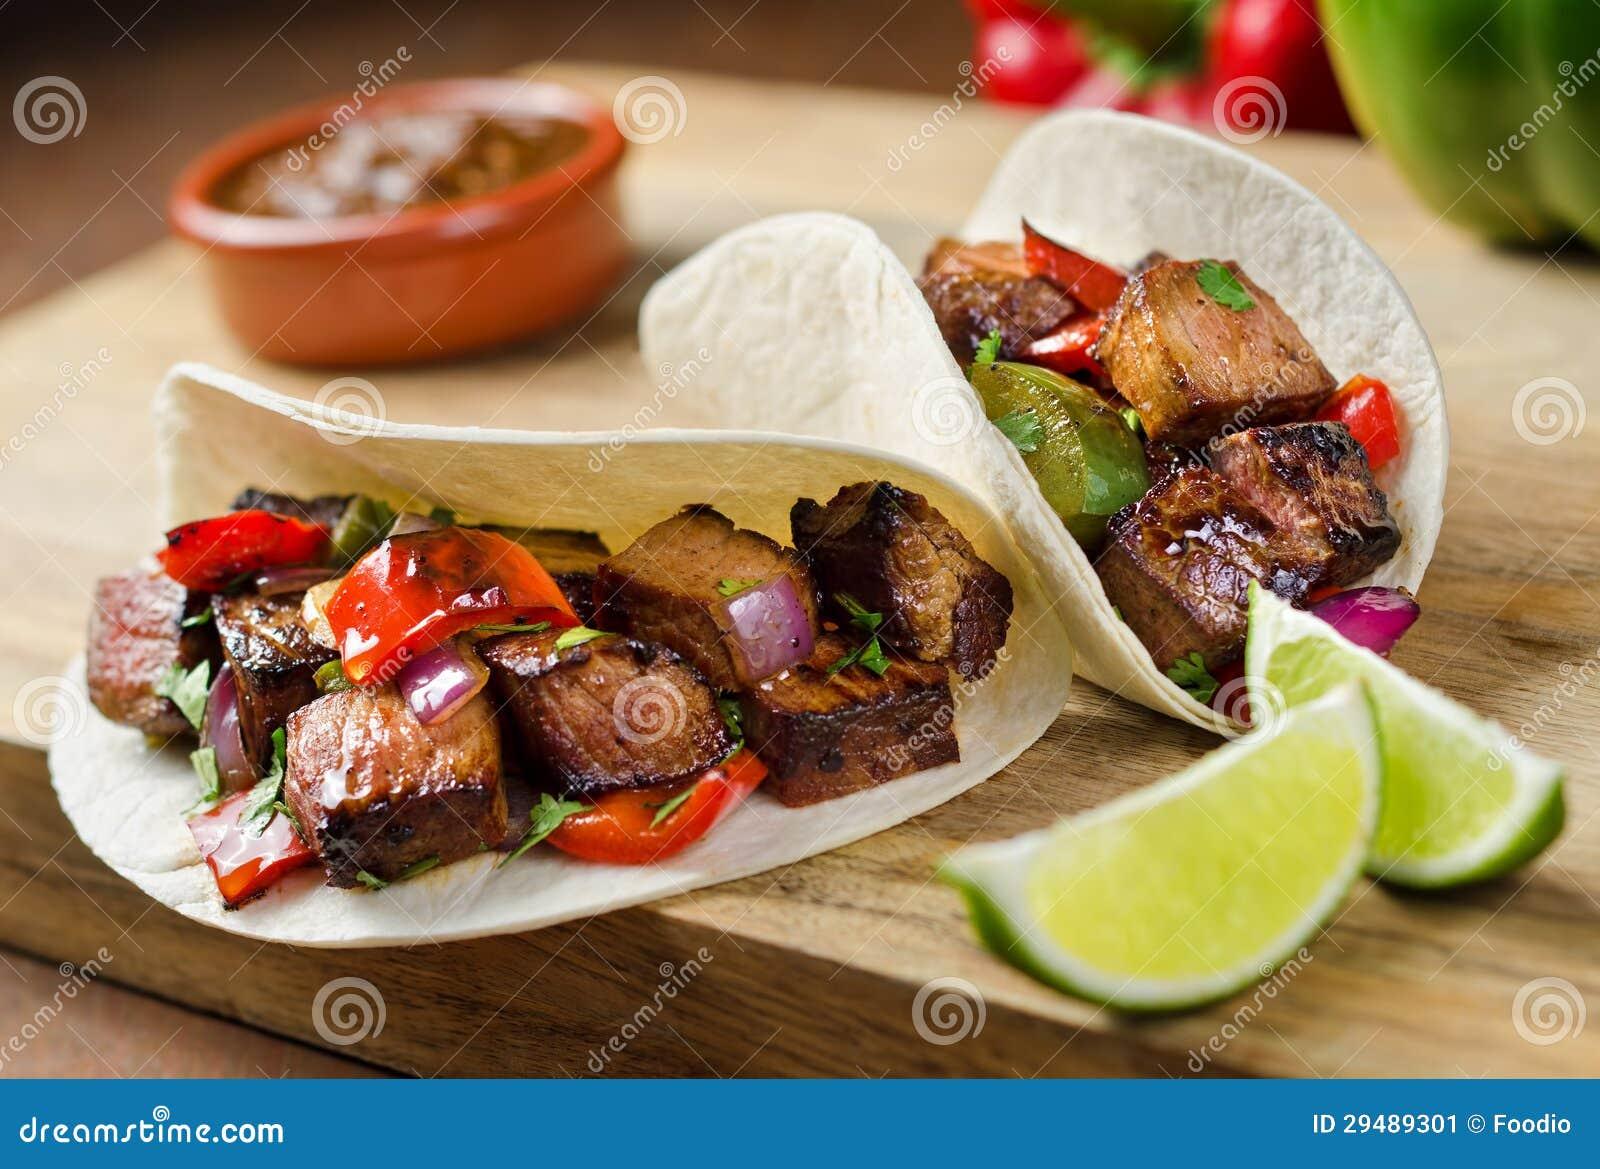 Beef Fajitas Stock Image - Image: 29489301